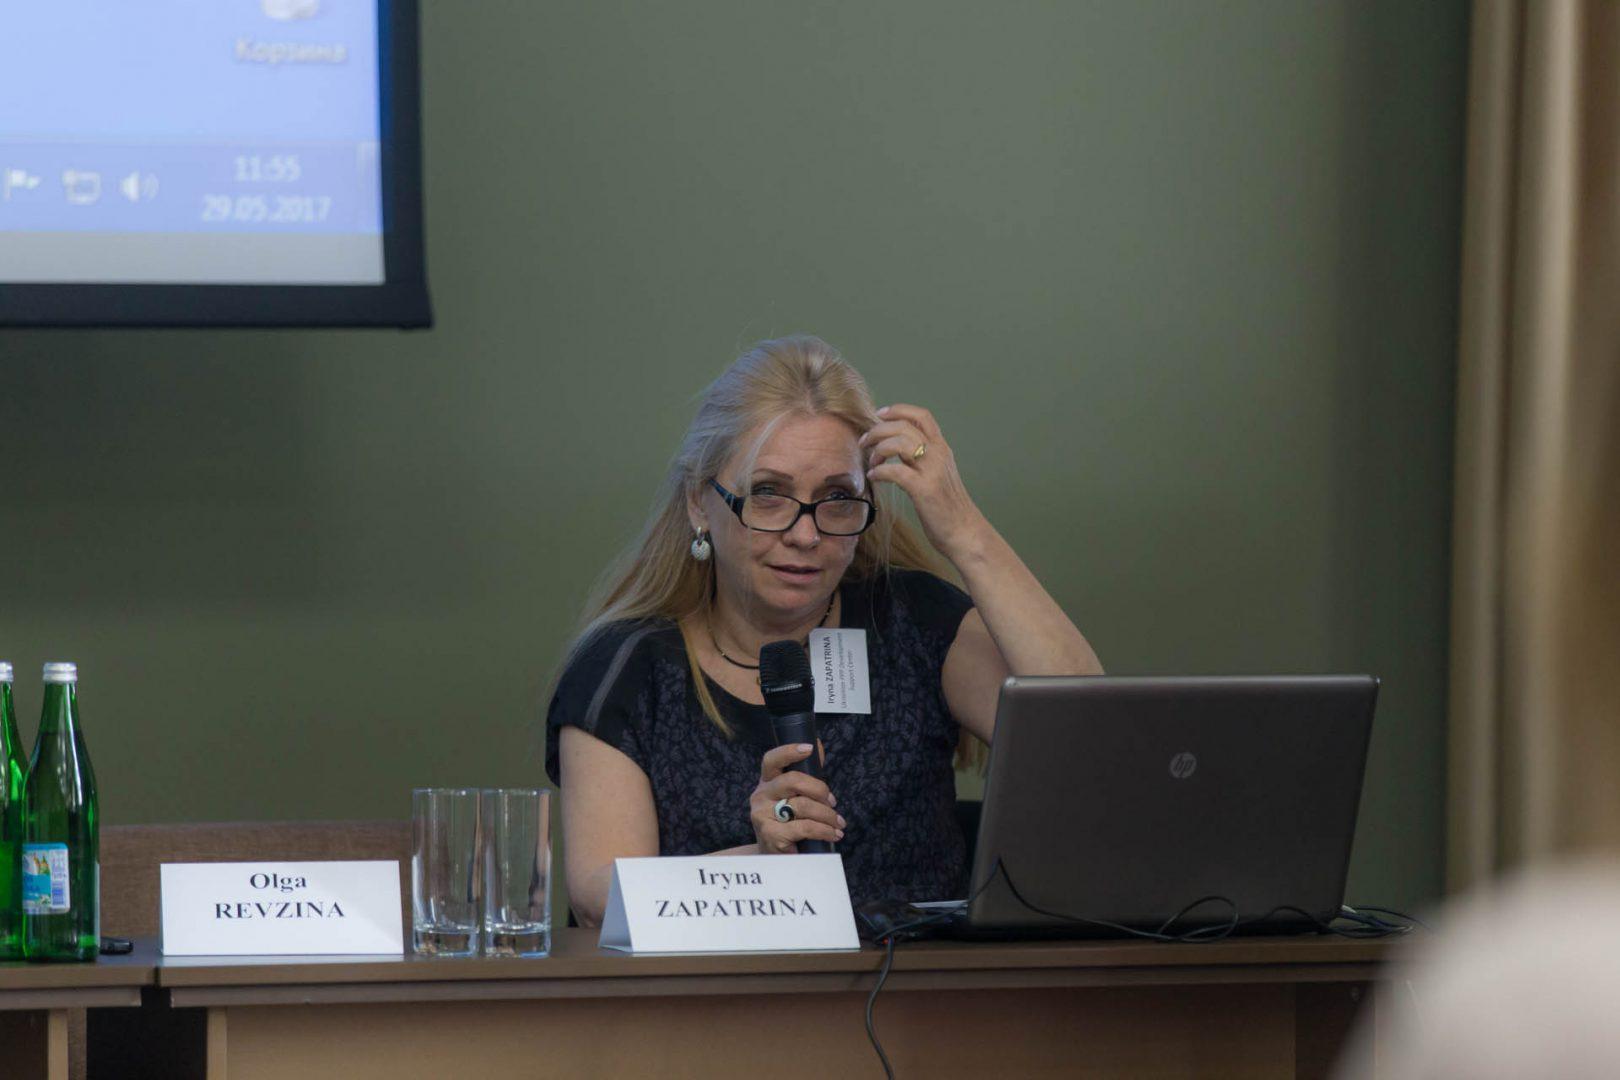 Ірина Запатріна стане спікером Глобального Саміту Інфраструктурних Інвесторів 2020